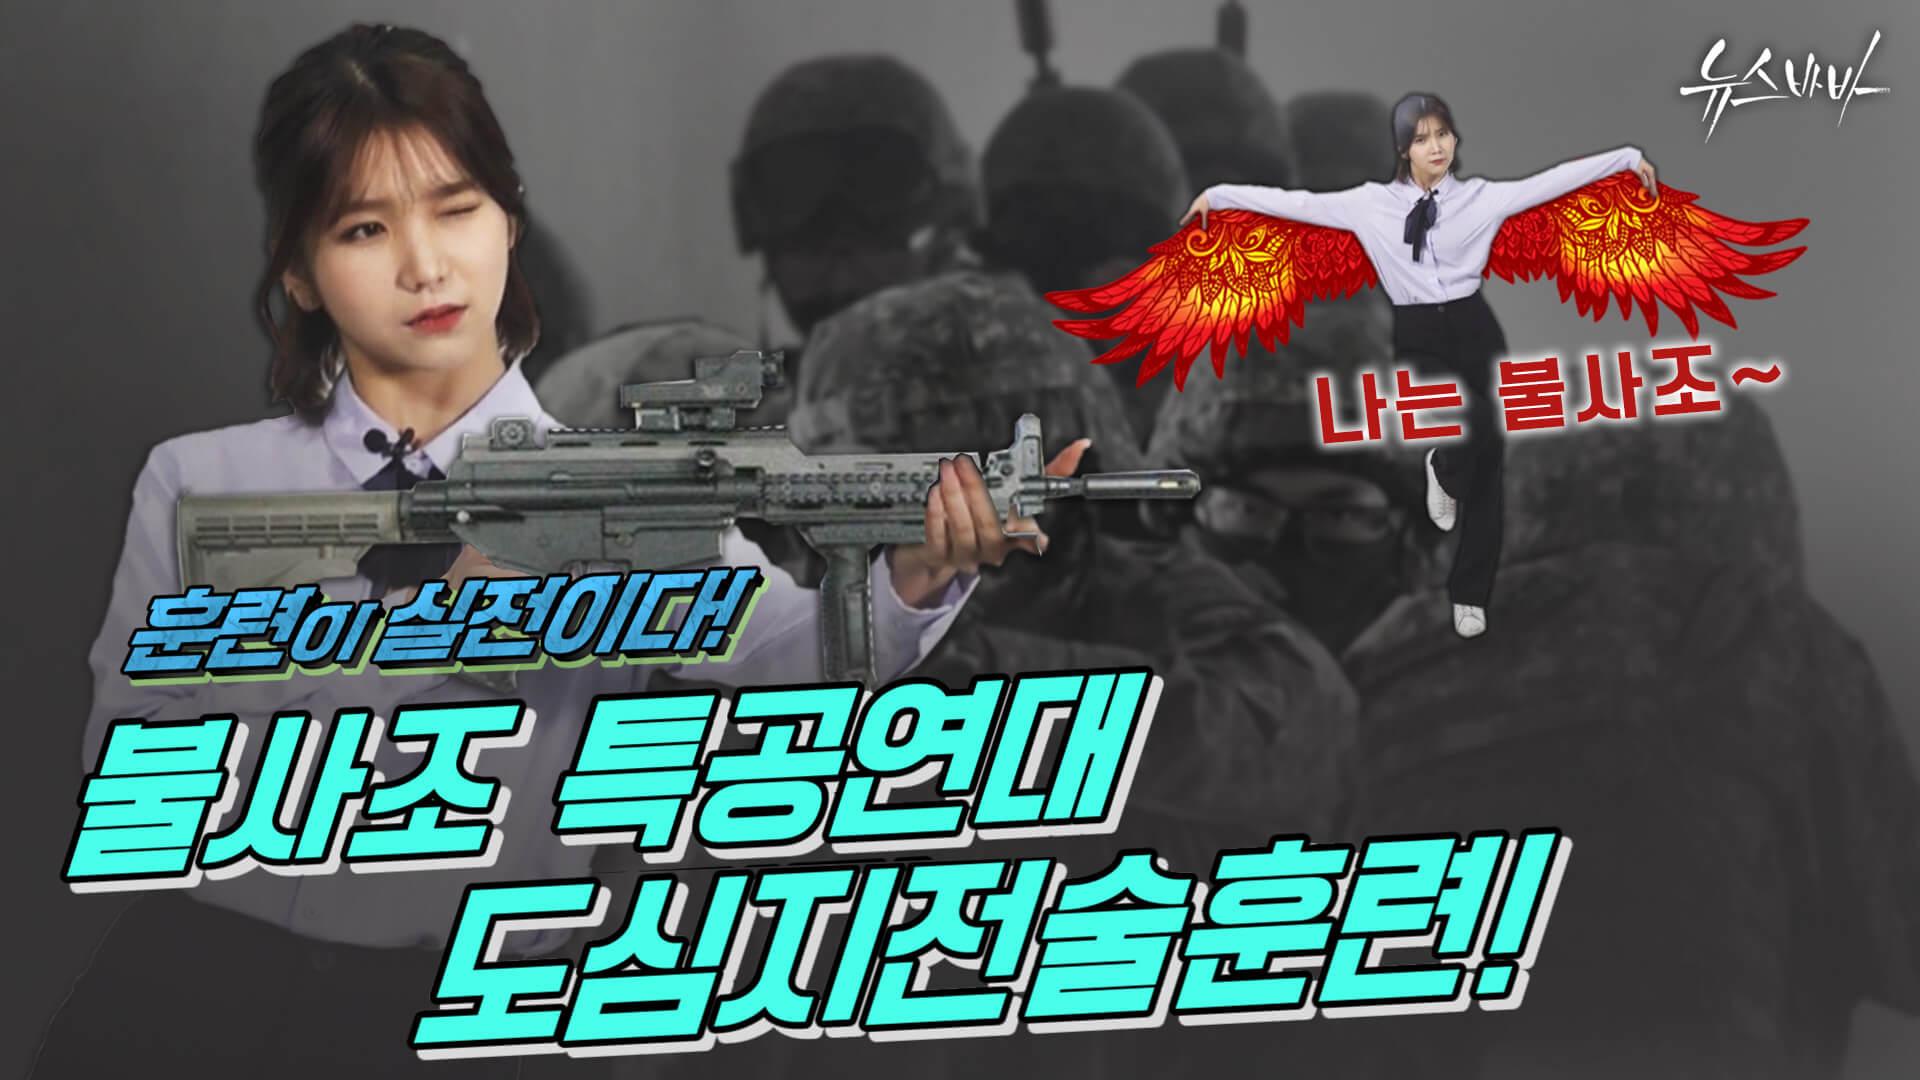 [뉴스바바] 불사조 특공연대 도